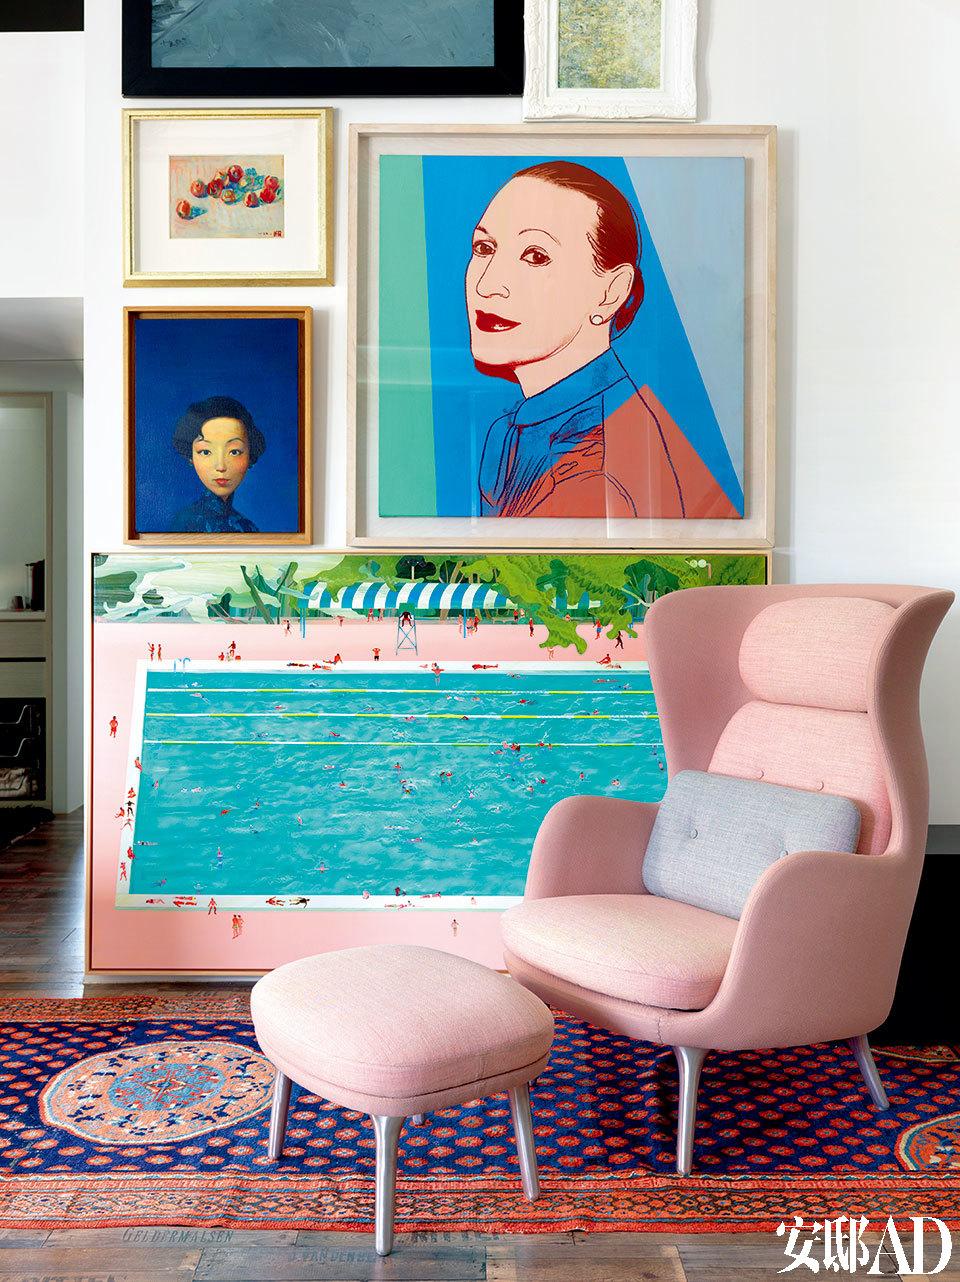 细腻的粉色家具呼应着墙上的画作,正反映出姚谦对女性内心世界的洞悉与把握。一面白墙挂满姚谦收藏的艺术品,其中包括郭柏川的《静物》、刘野的《张爱玲》、Andy Warhol的《AntoineGrunn》以及台湾艺术家范扬宗的《乐园》。粉色扶手椅为姚谦最爱的设计师Jaime Hayon为Fritz Hansen设计的Ro系列。